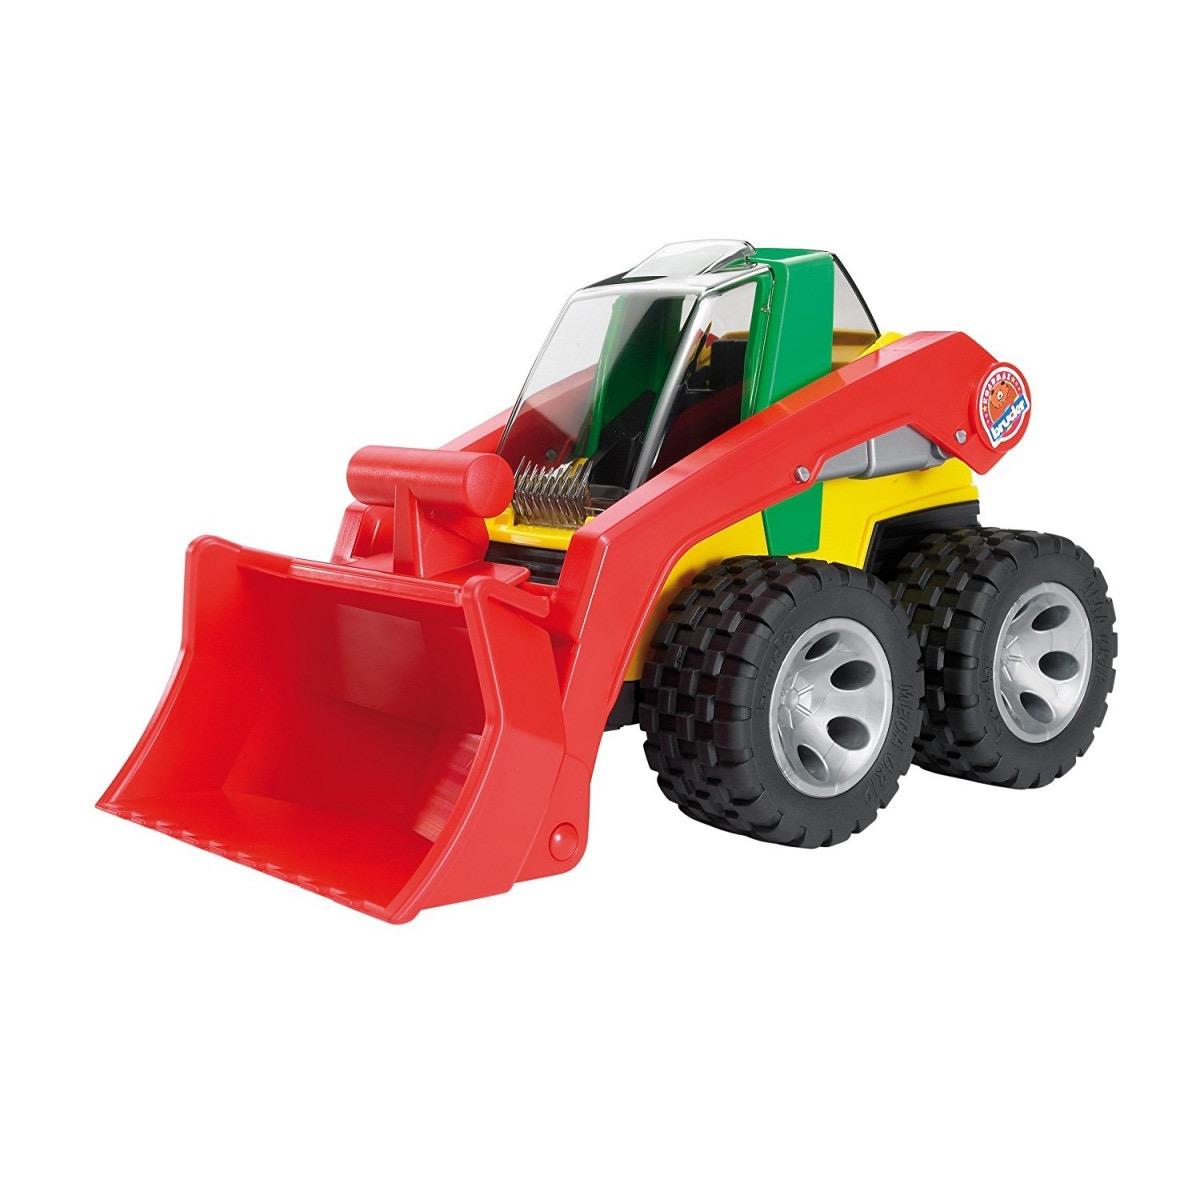 BRUDER 20060 - Fahrzeuge - ROADMAX Kompaktlader